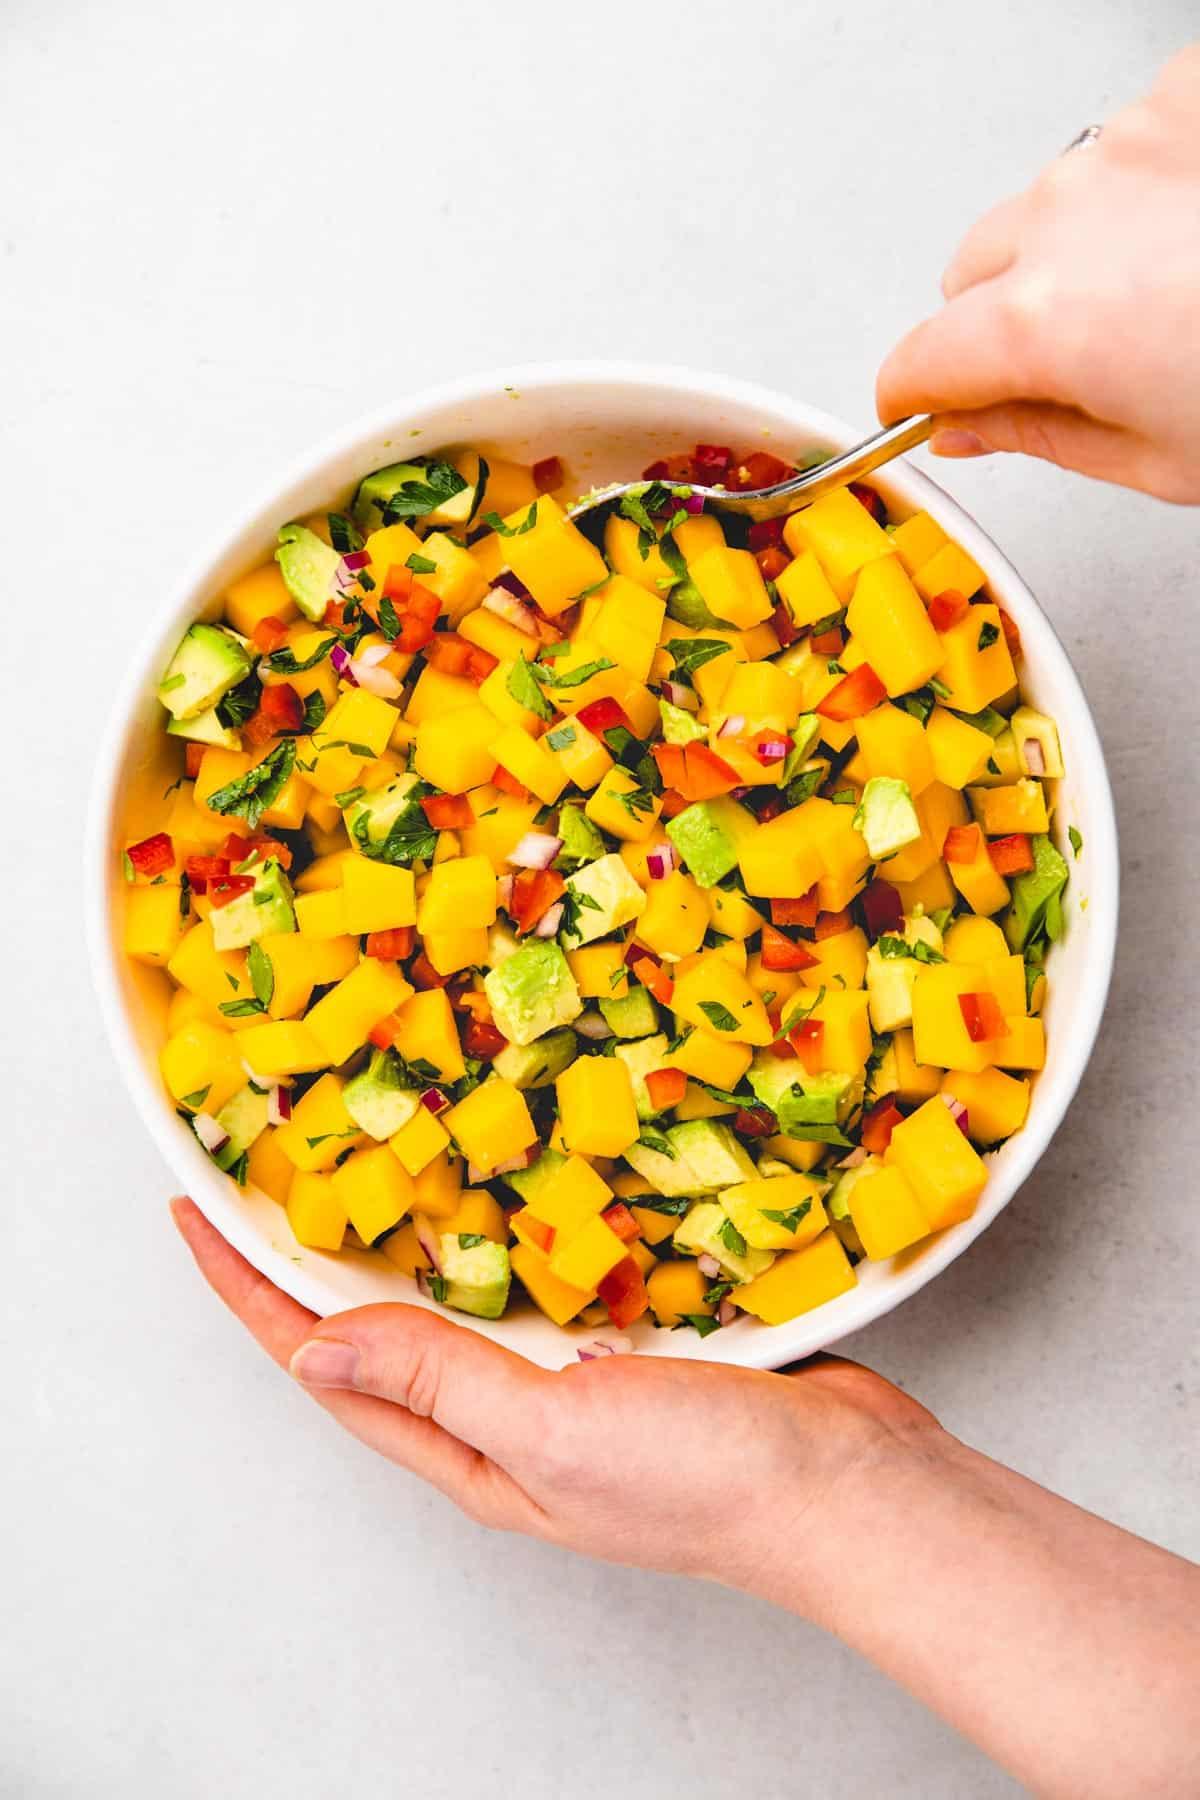 Mixing mango avocado salsa.